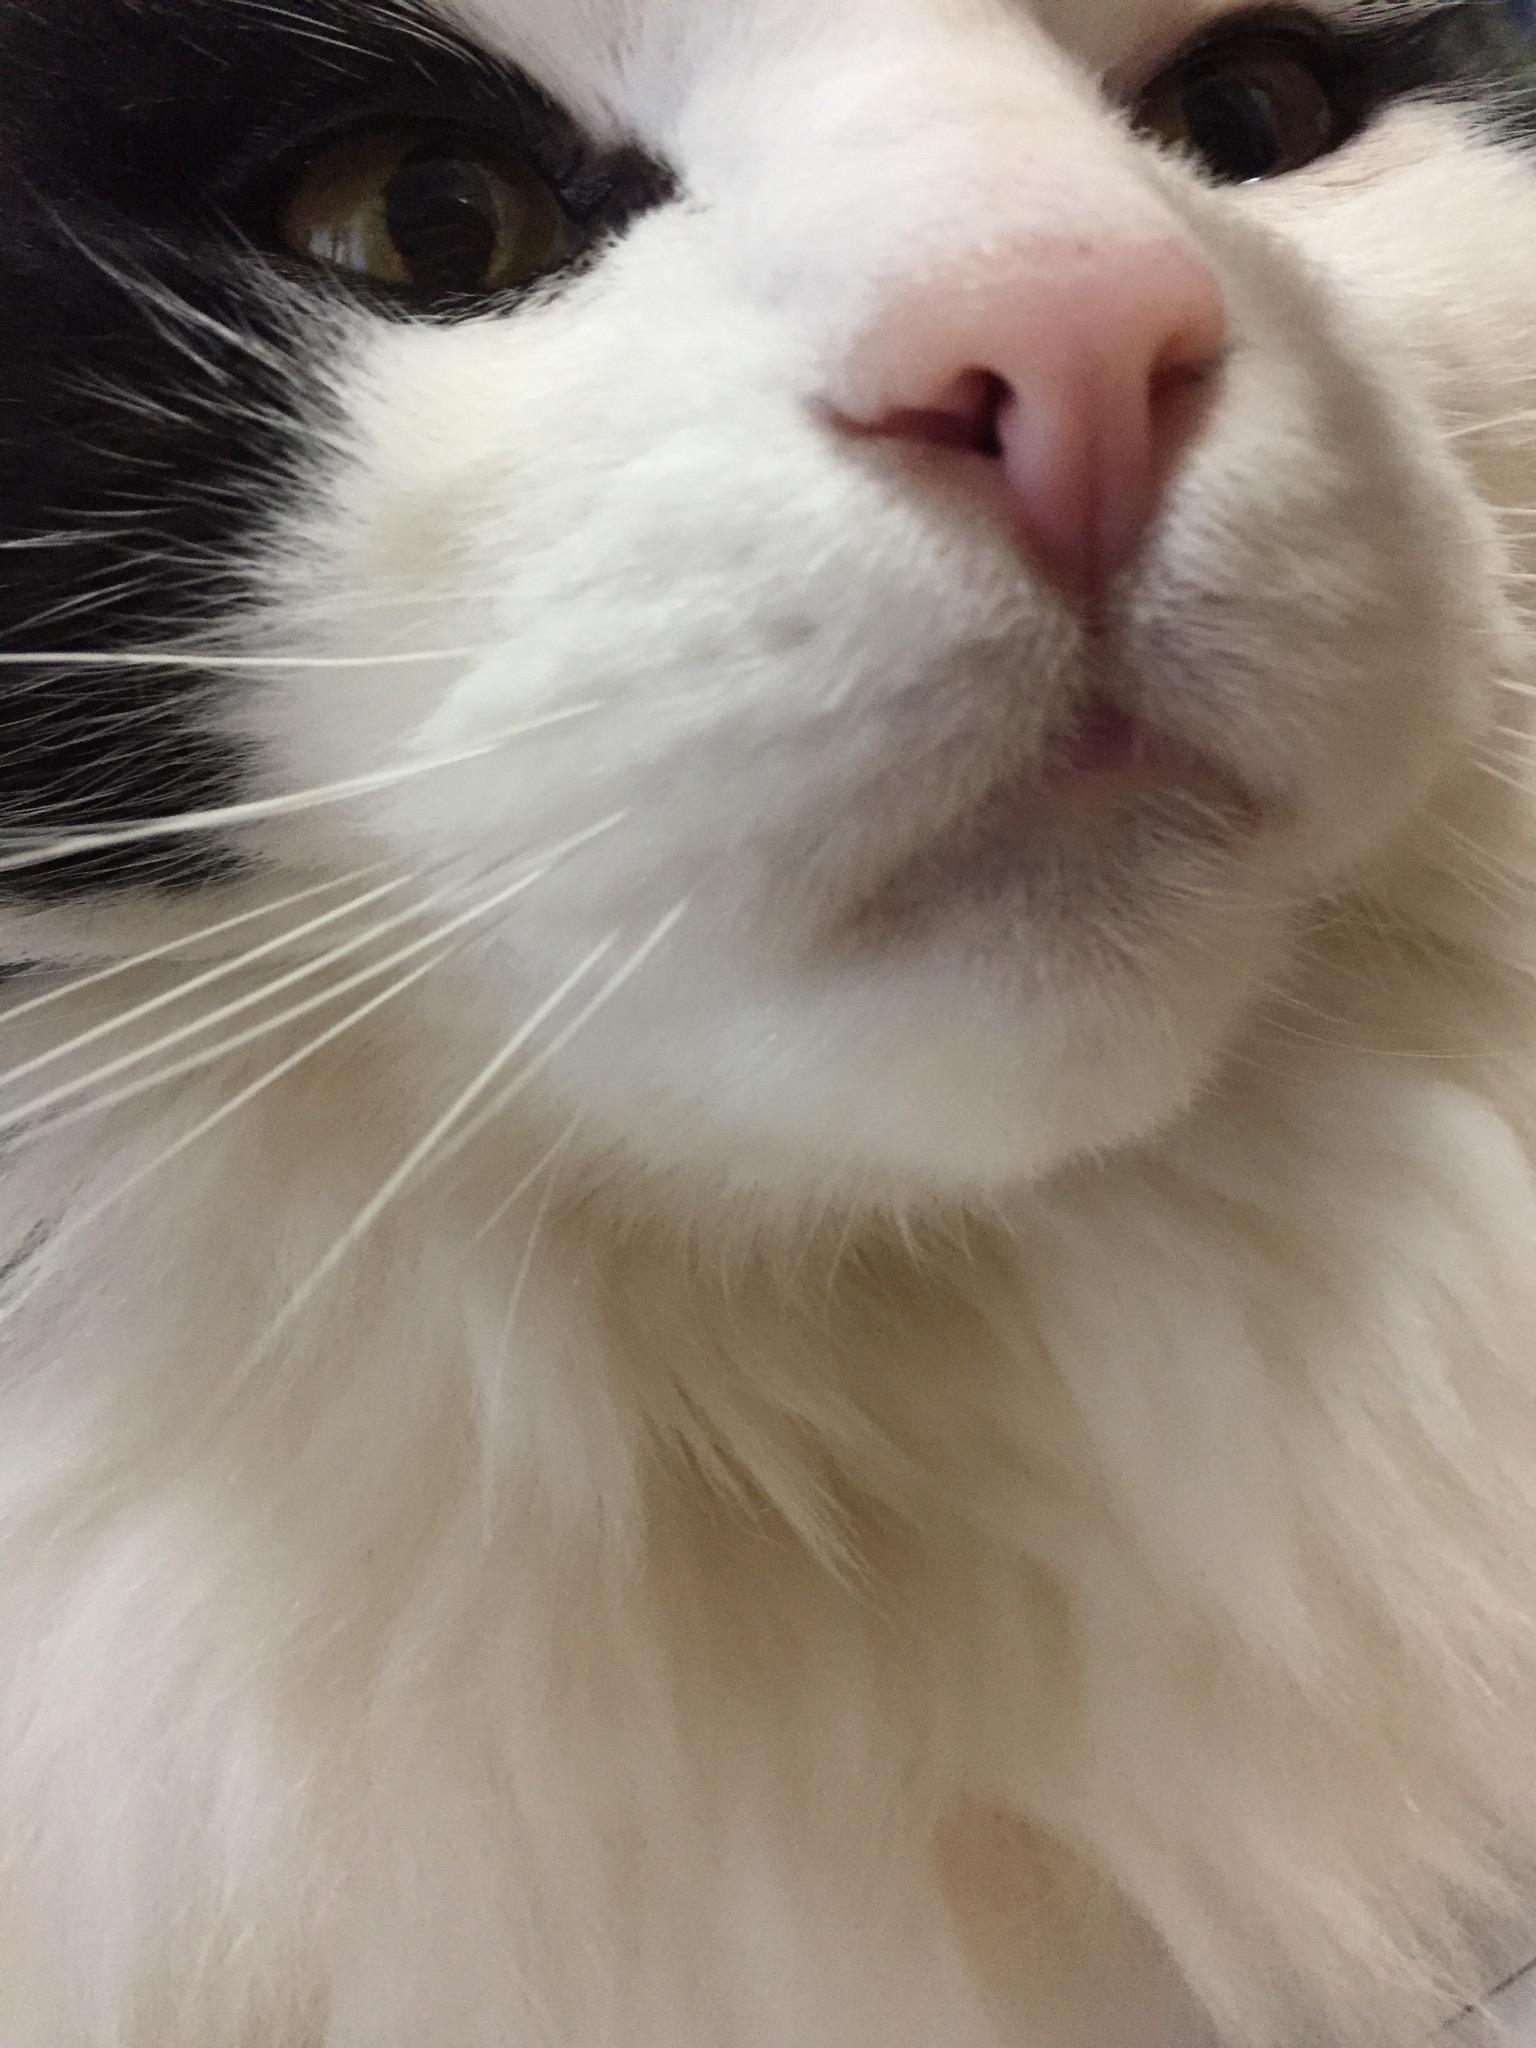 シュレディンガーの猫の猫問題の画像